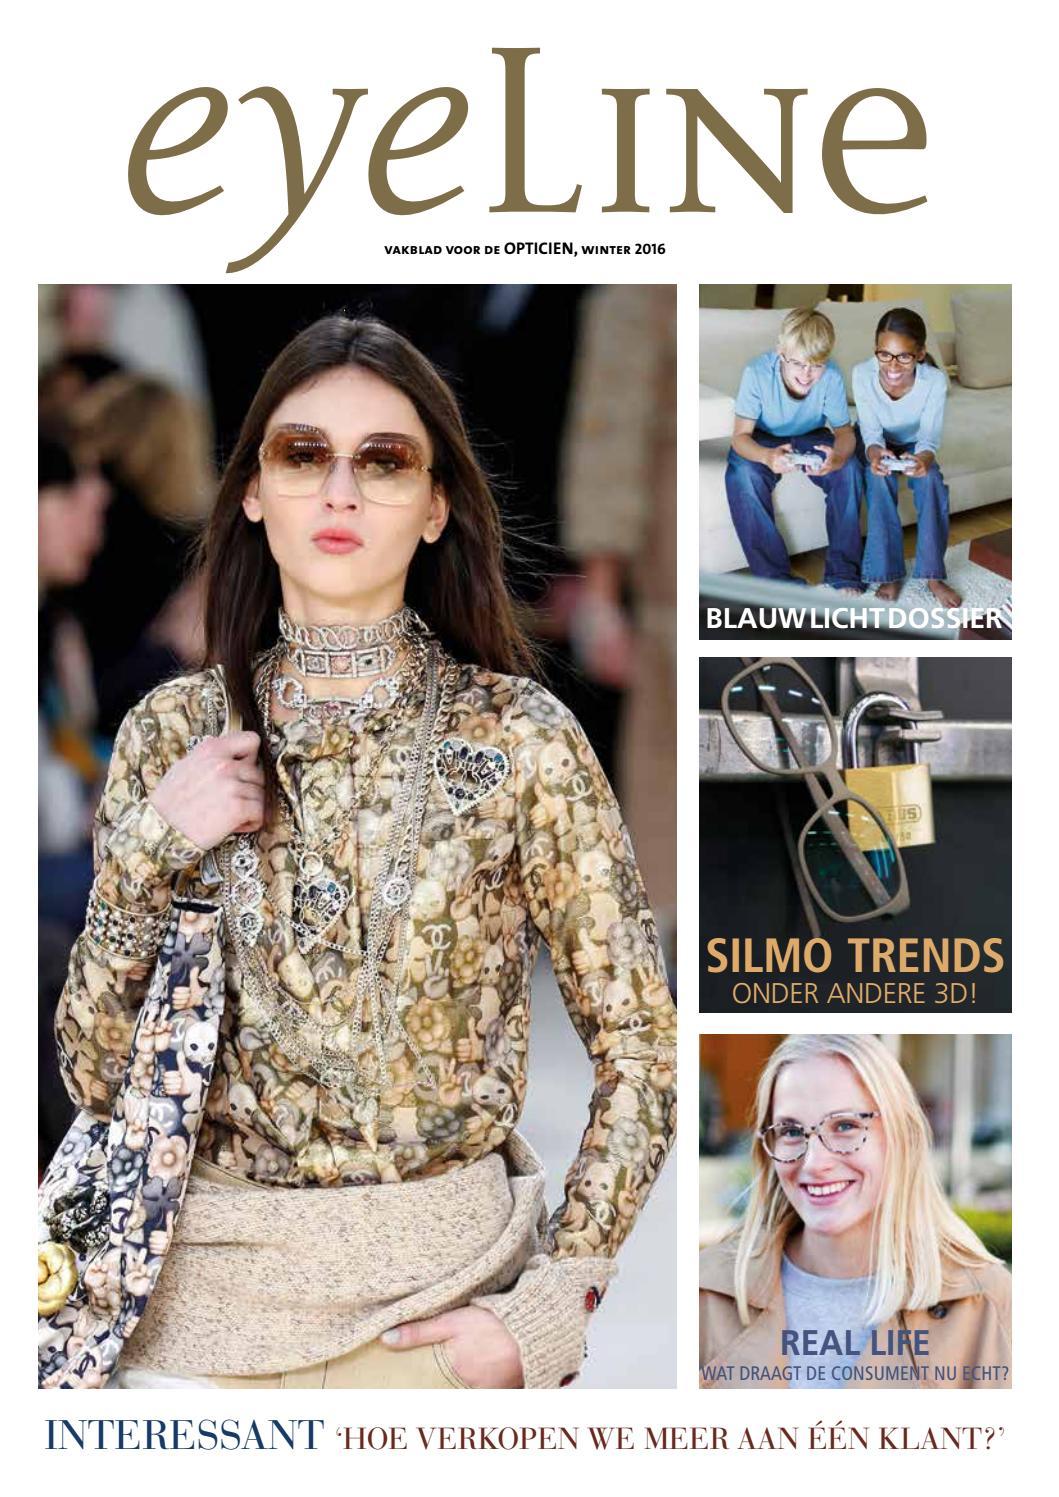 6a2b3dad951a31 Eyeline Magazine #4 - 2016 by LT Media - issuu